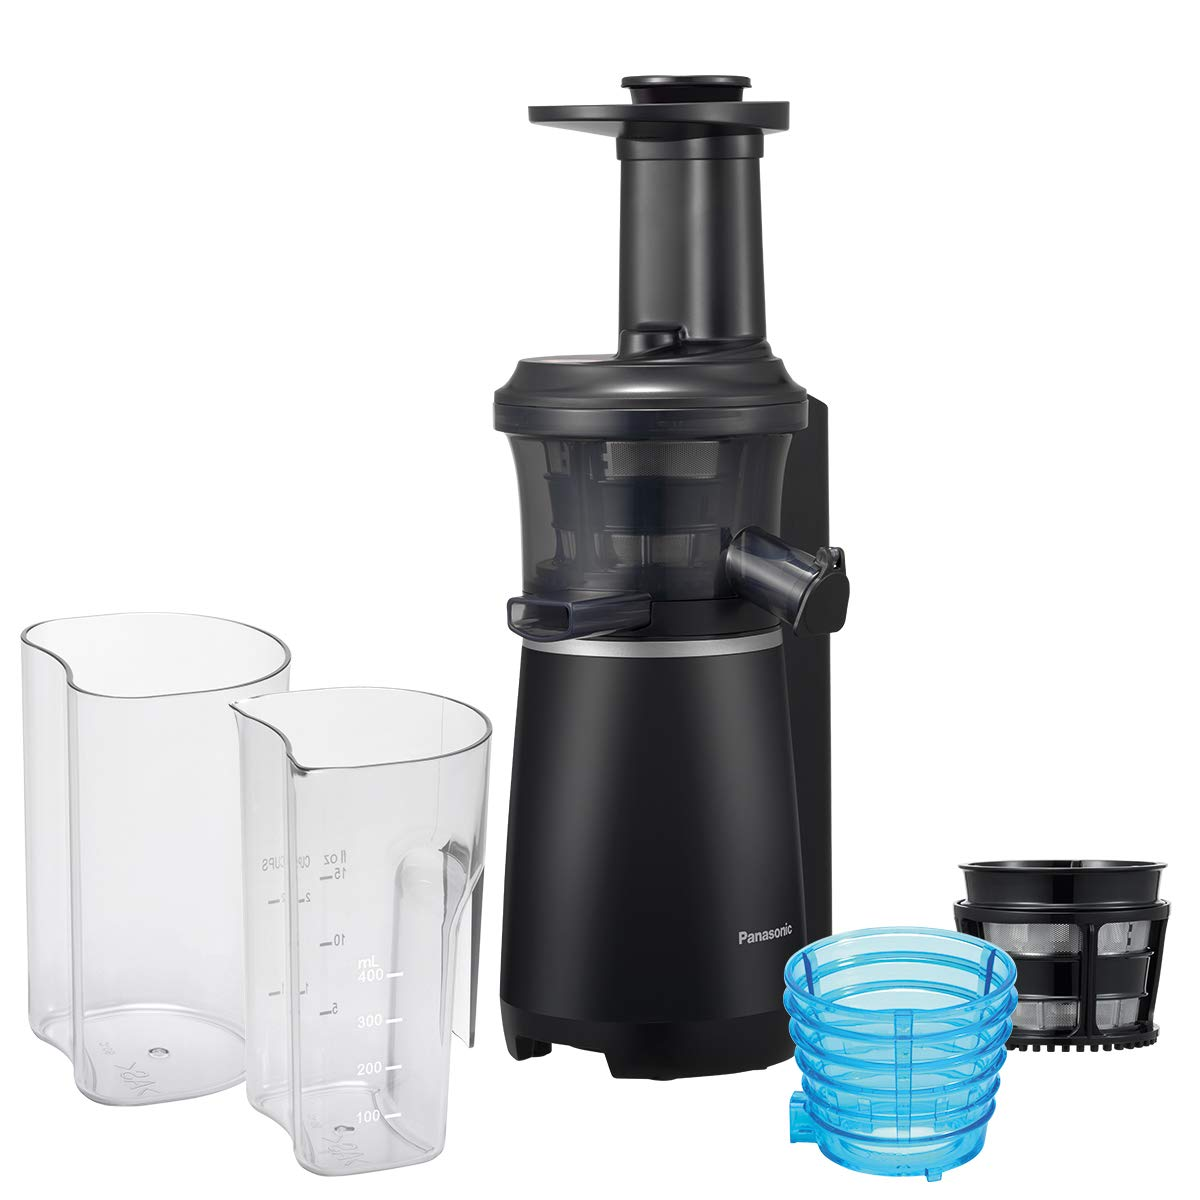 Panasonic MJ L501 Slow juicer Black 150